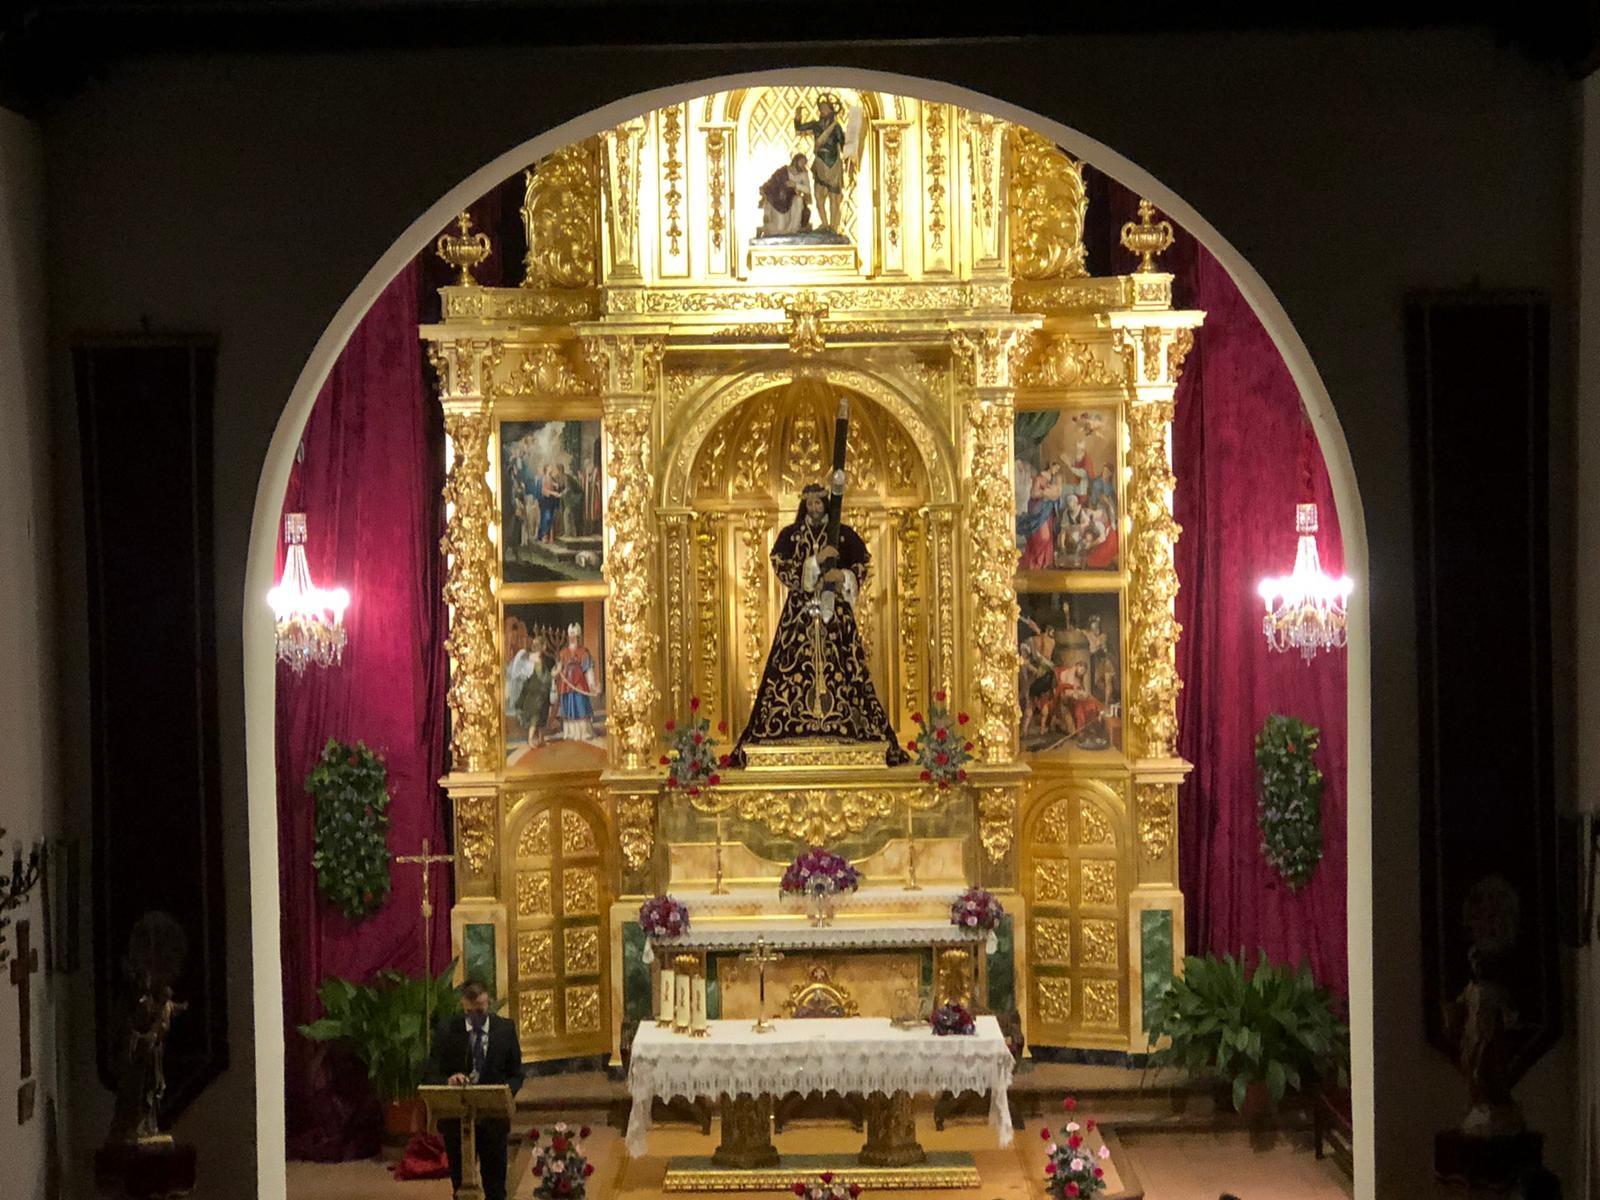 La ermita de San Juan estrena retablo